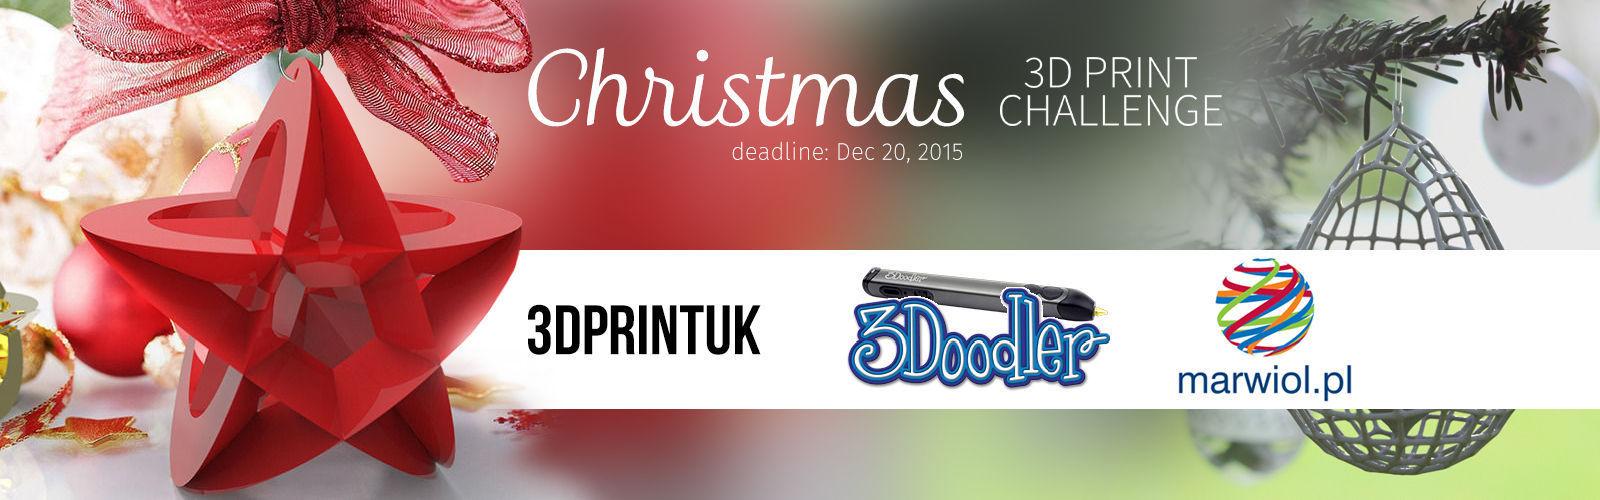 3D Printing Christmas Challenge